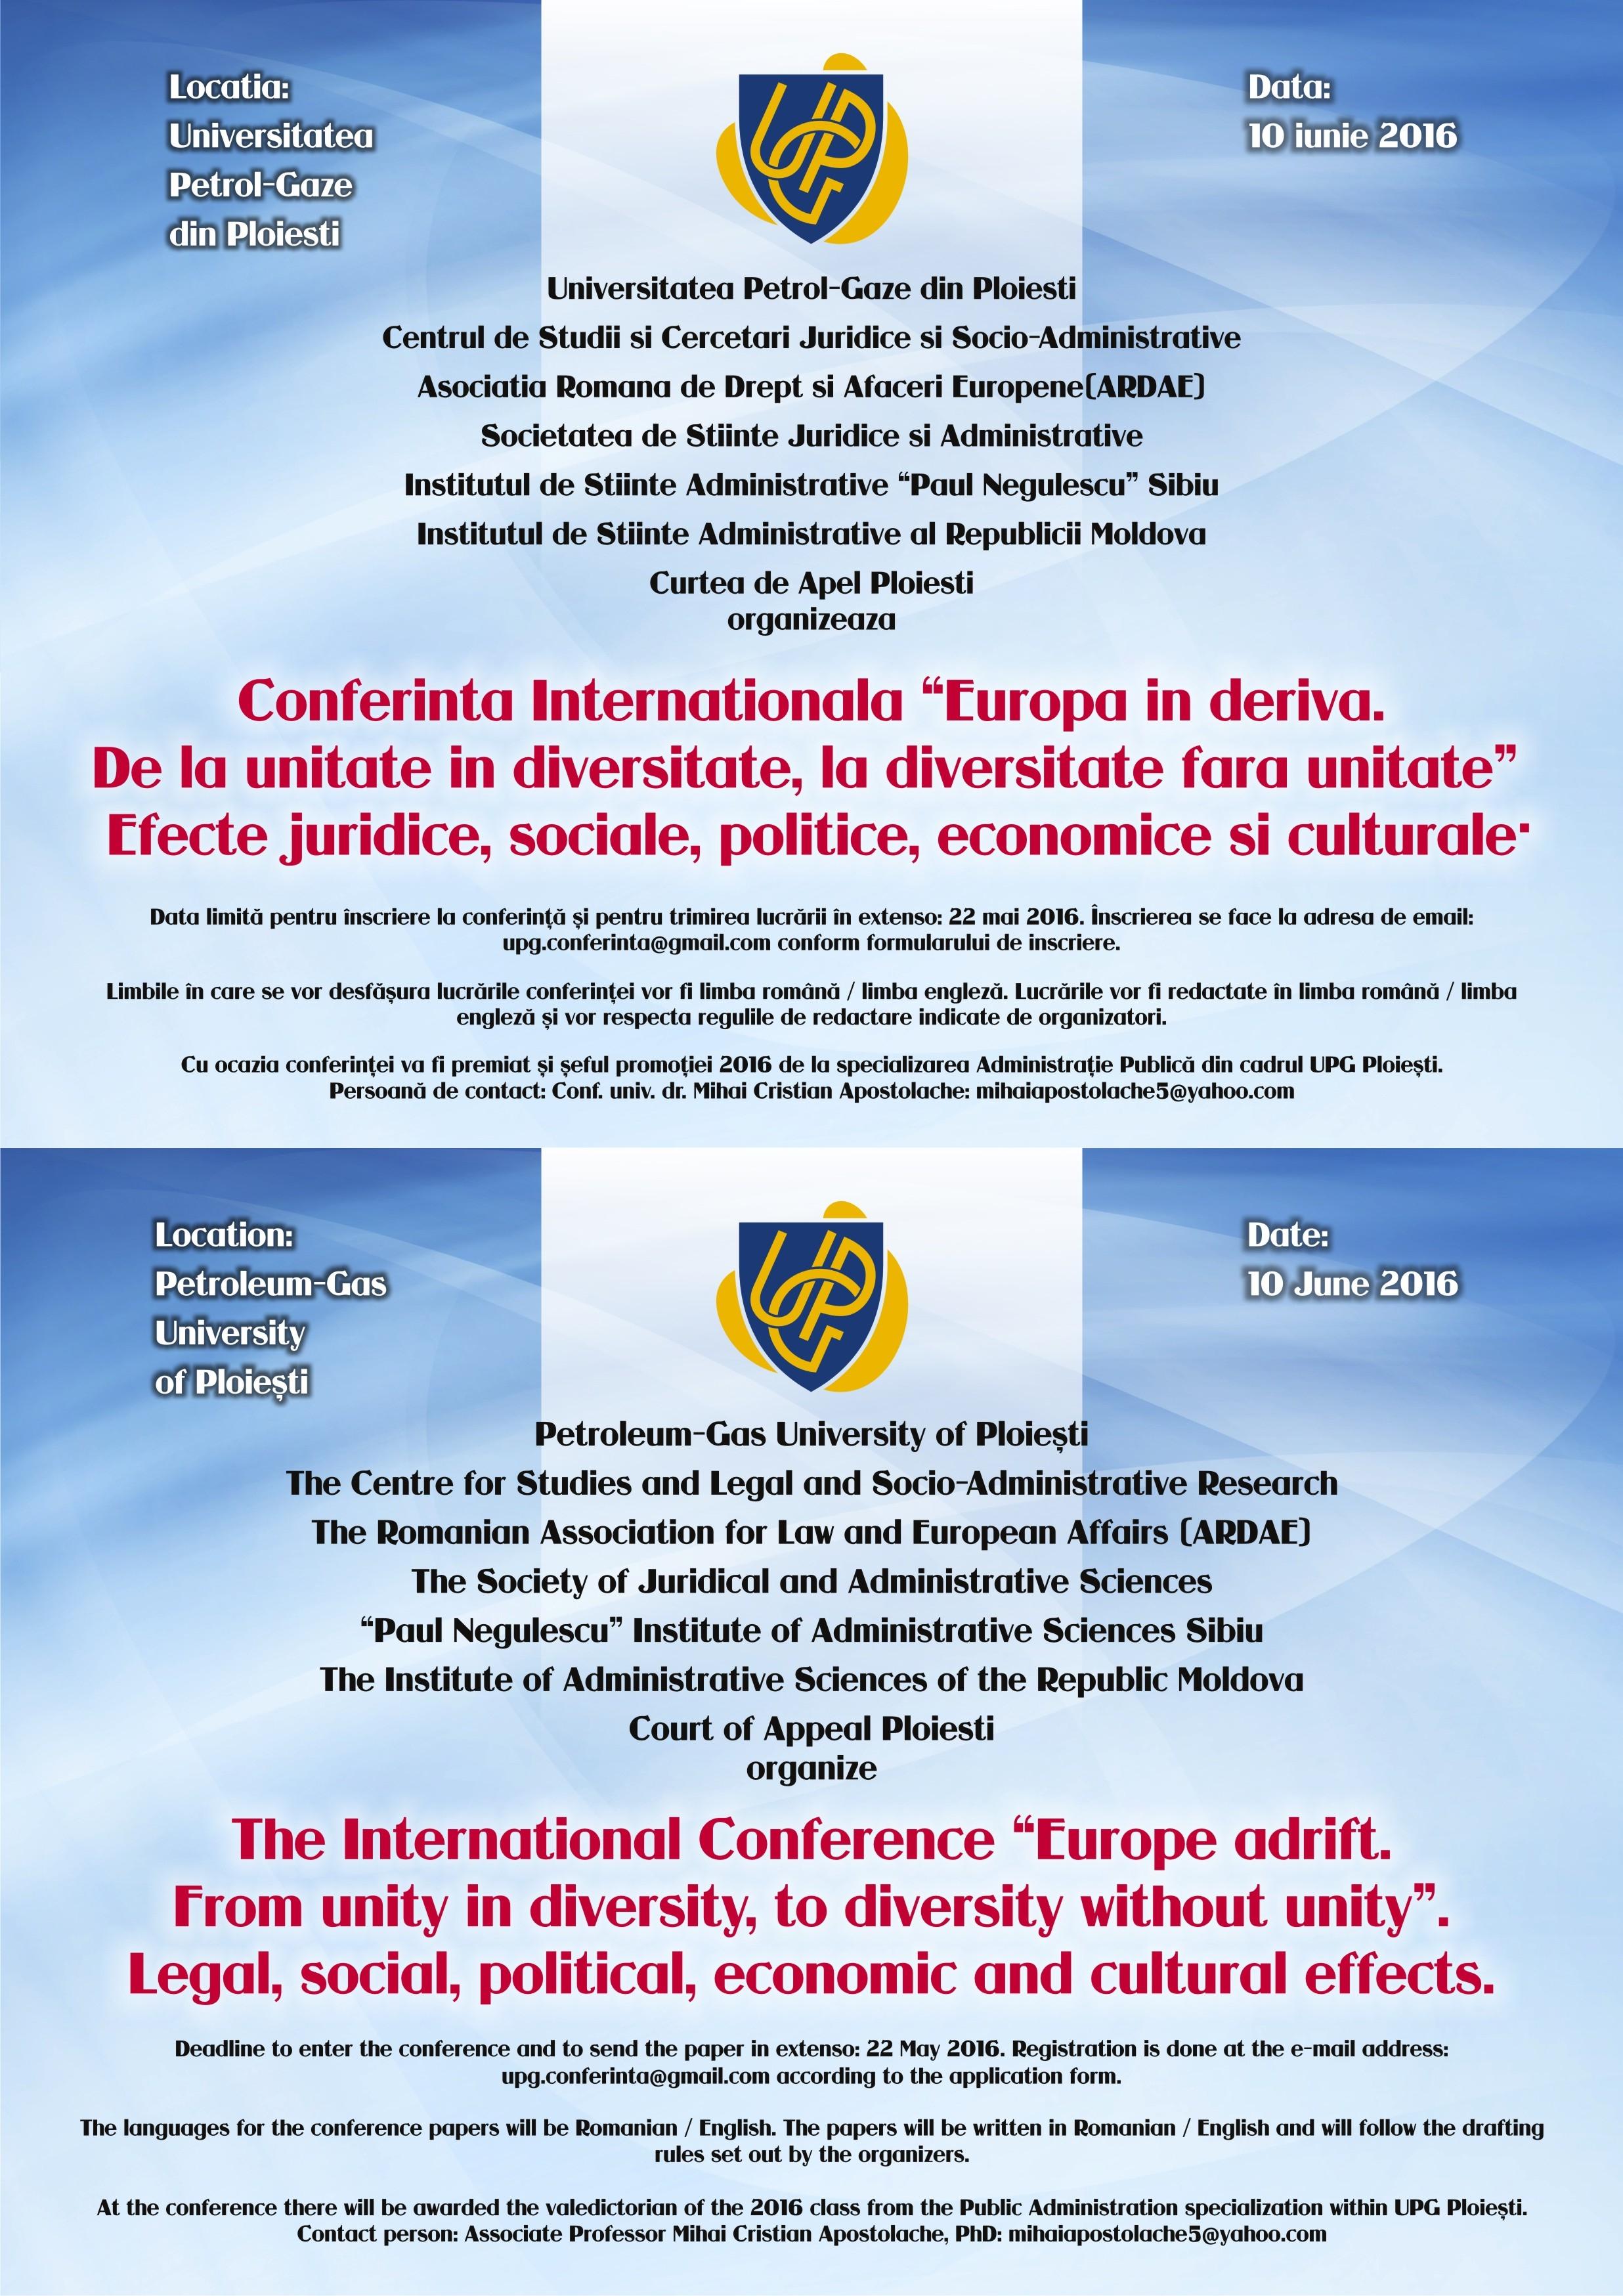 """Conferinta Internationala """"Europa in deriva. De la unitate in diversitate, la diversitate fara unitate"""". Efecte juridice, sociale, politice, economice si culturale, Ploiesti, 10 iunie 2016"""